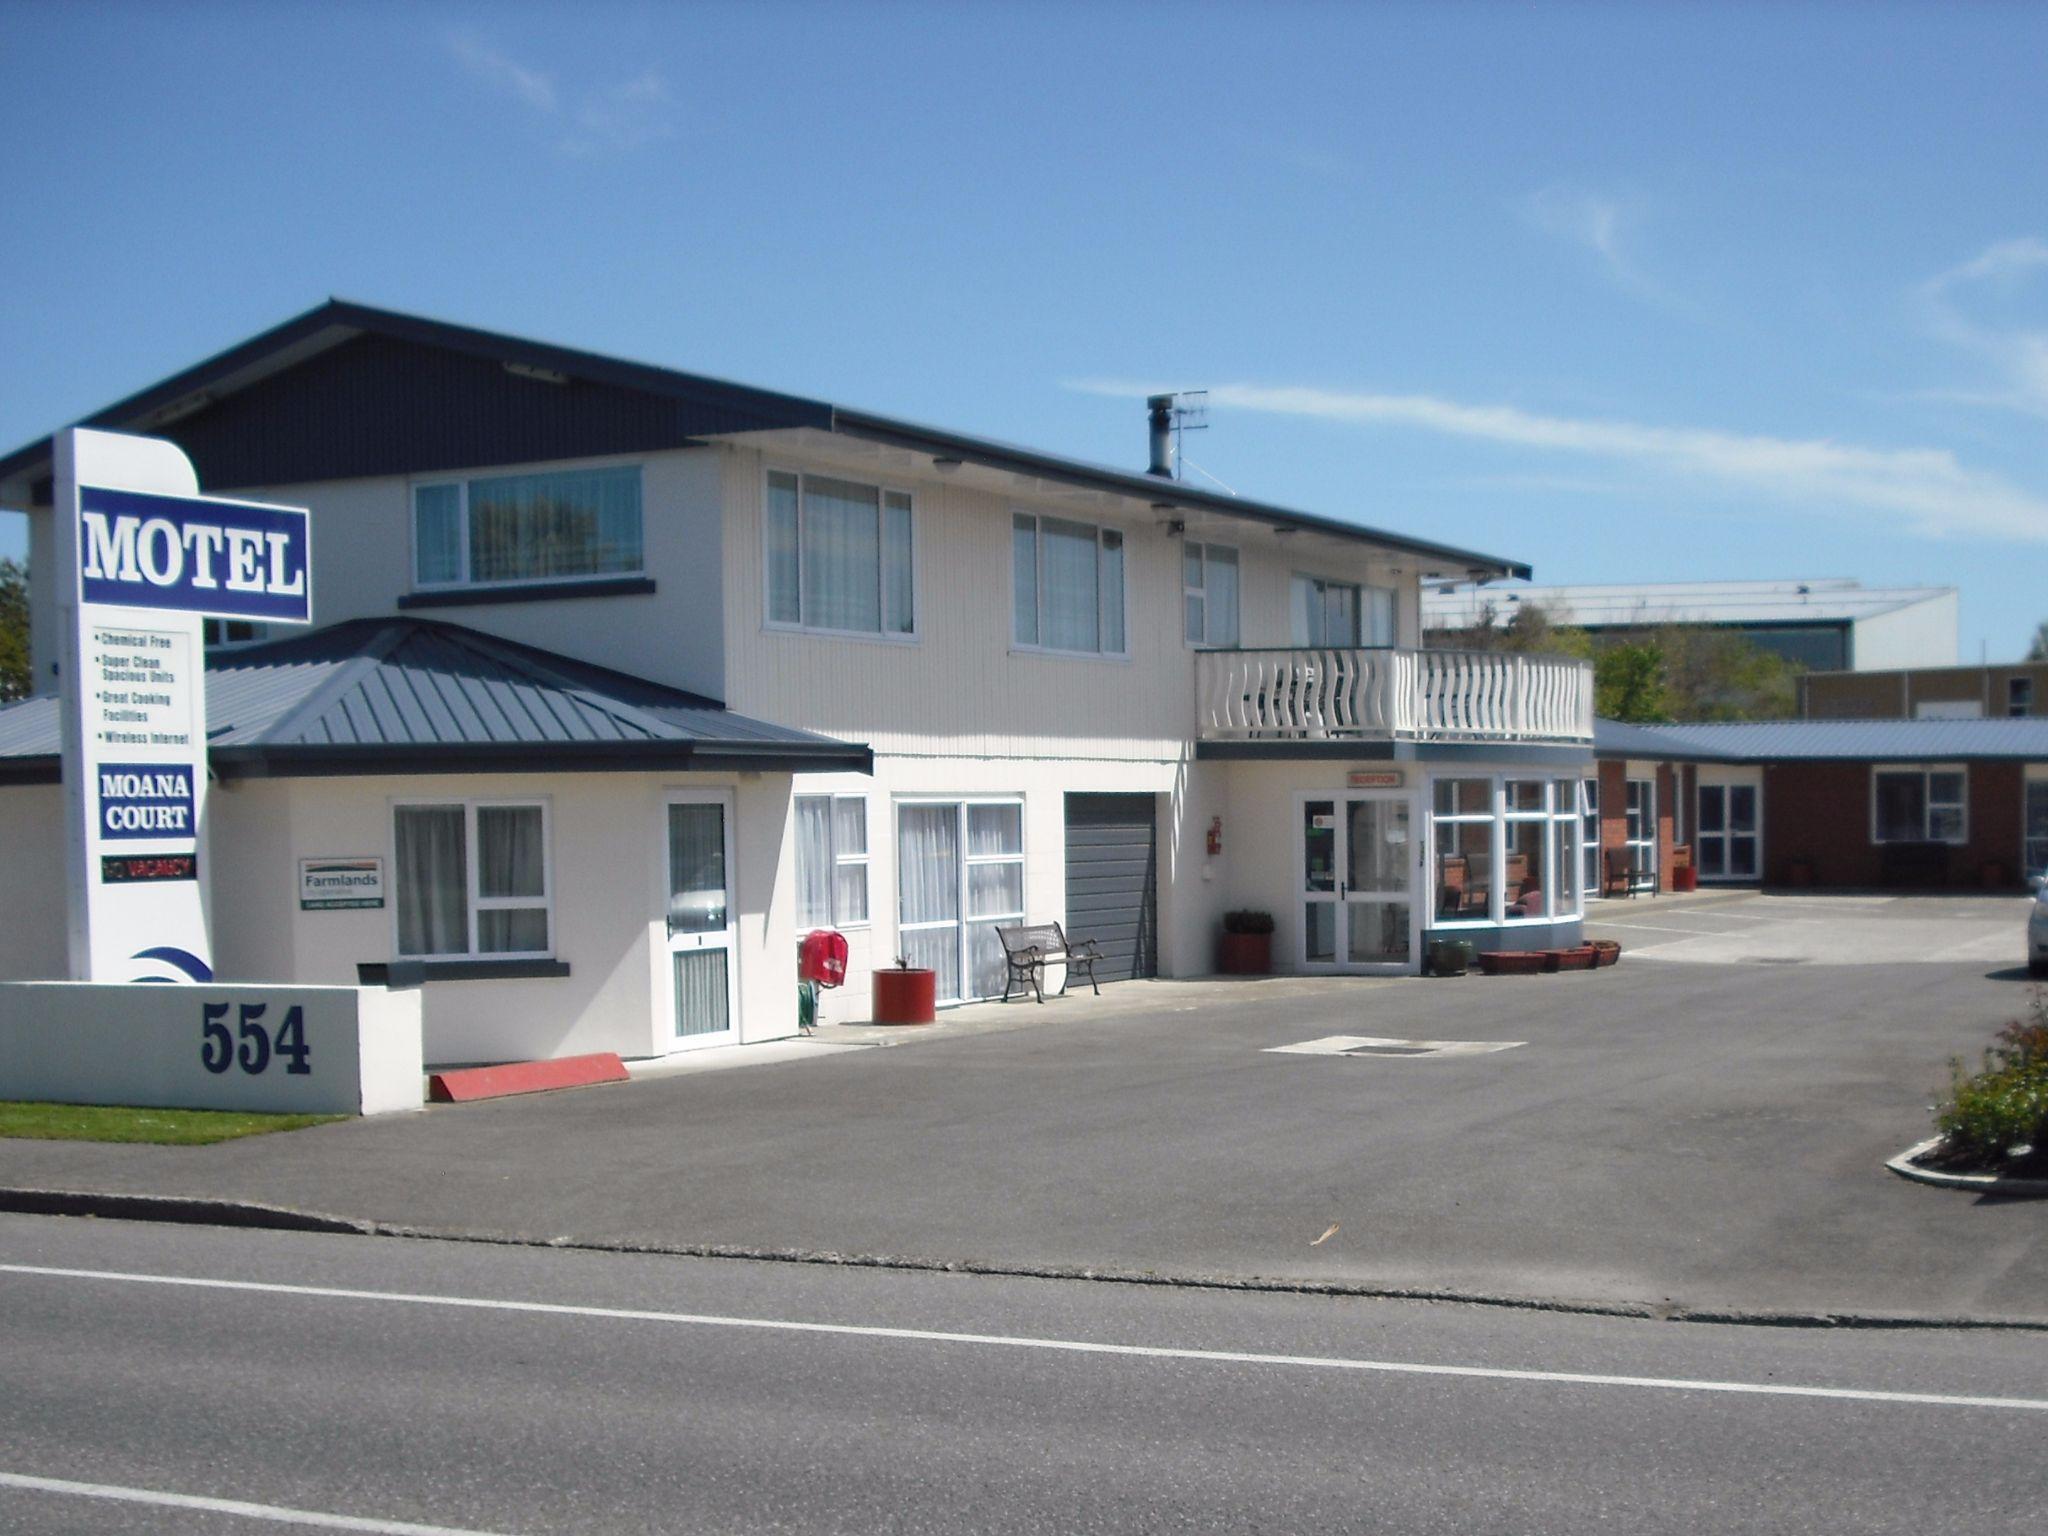 554 Moana Court Motel